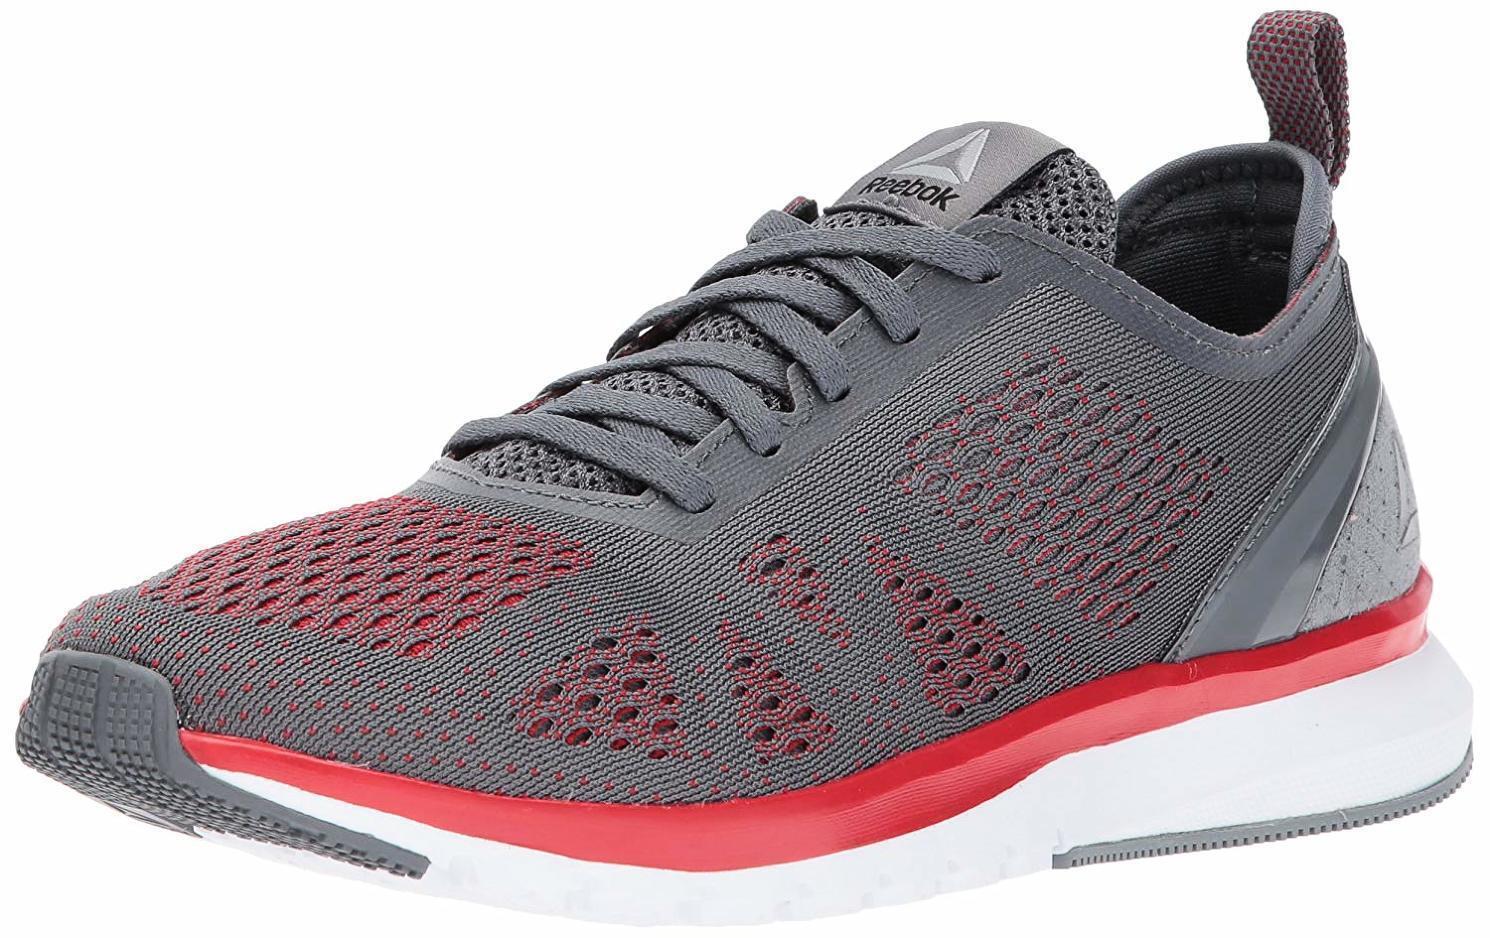 Reebok Men's Print Smooth Clip ULTK Shoe Running Shoe ULTK - Choose SZ/Color 57cfca